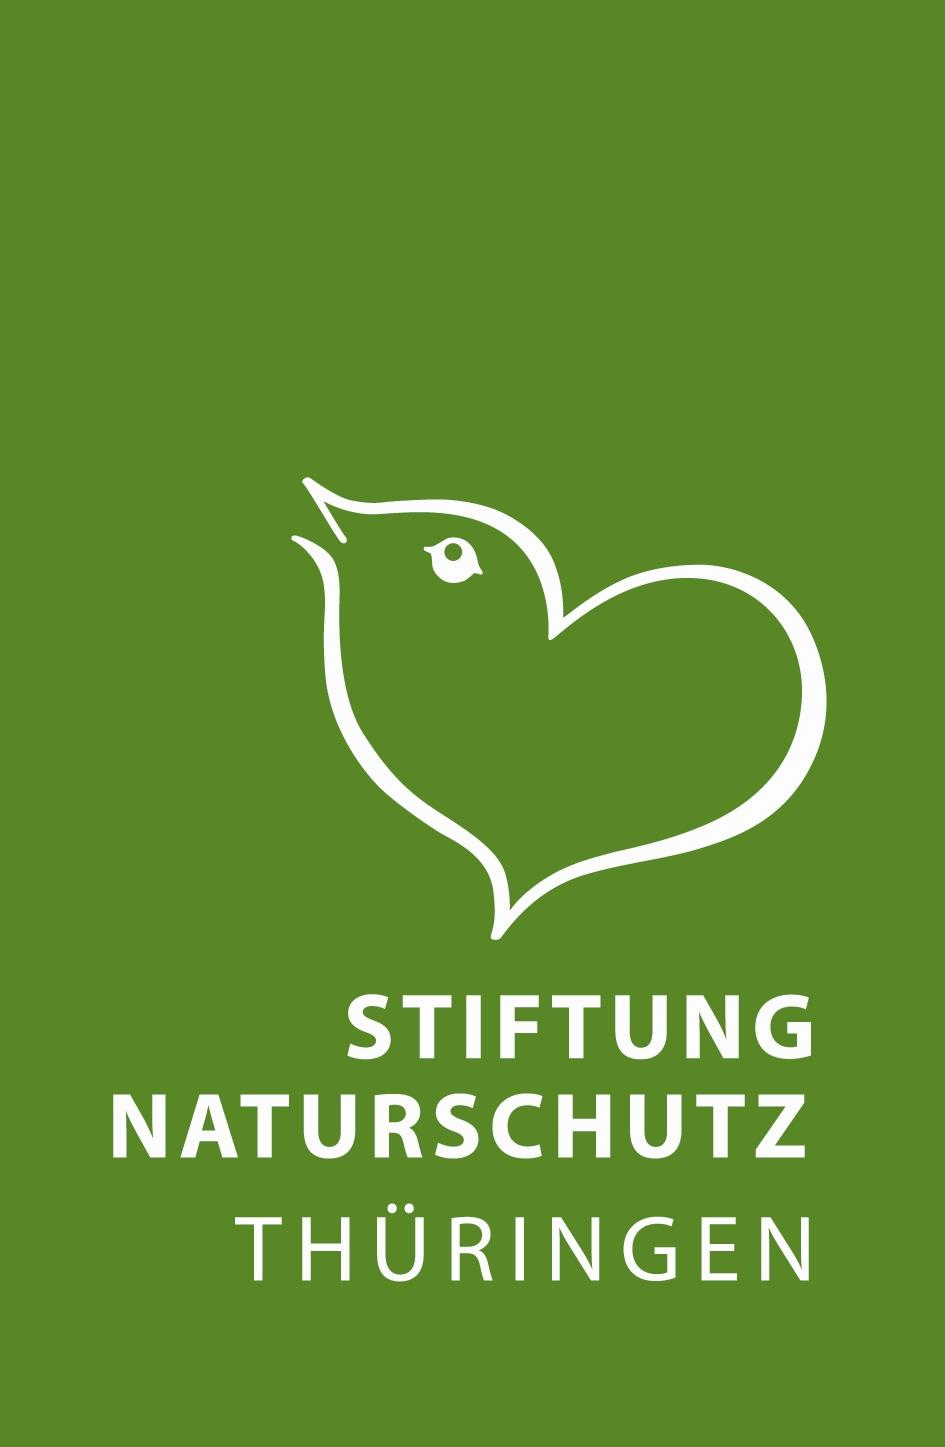 Stiftung Naturschutz, Logo